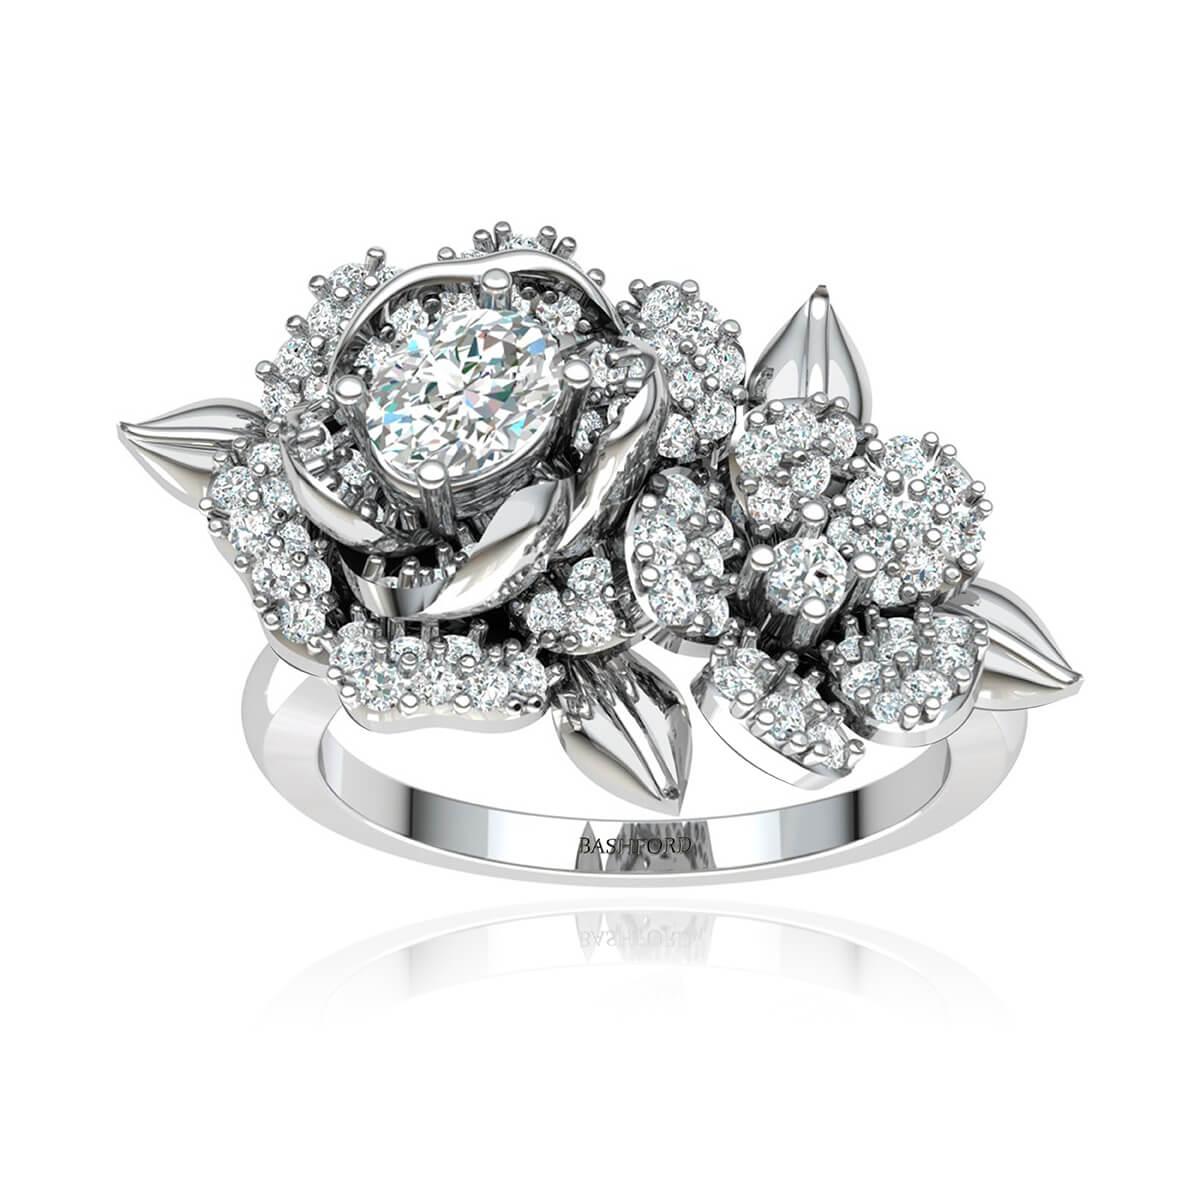 The Gardenia Diamond Ring